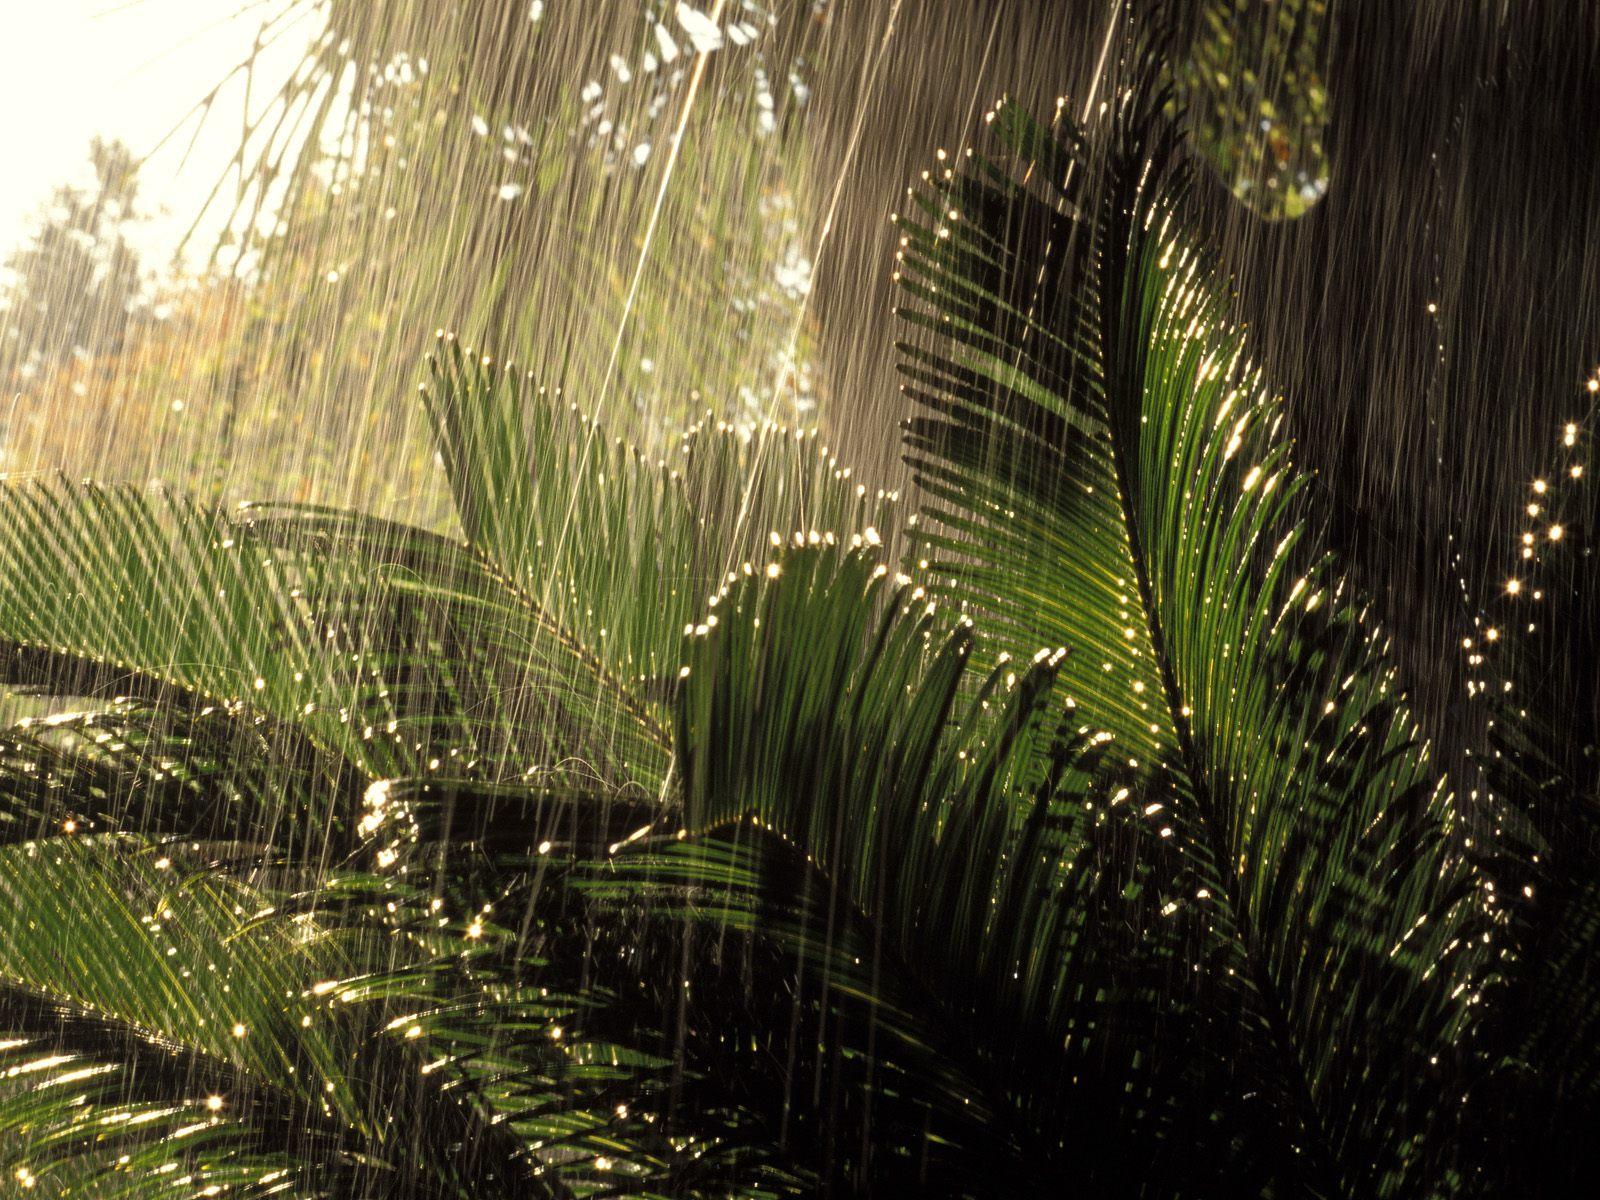 http://1.bp.blogspot.com/-m7hC_zFhNyk/TlTCtP5YftI/AAAAAAAABPc/gwDuQxLMpR8/s1600/Jungle+Rain.jpg